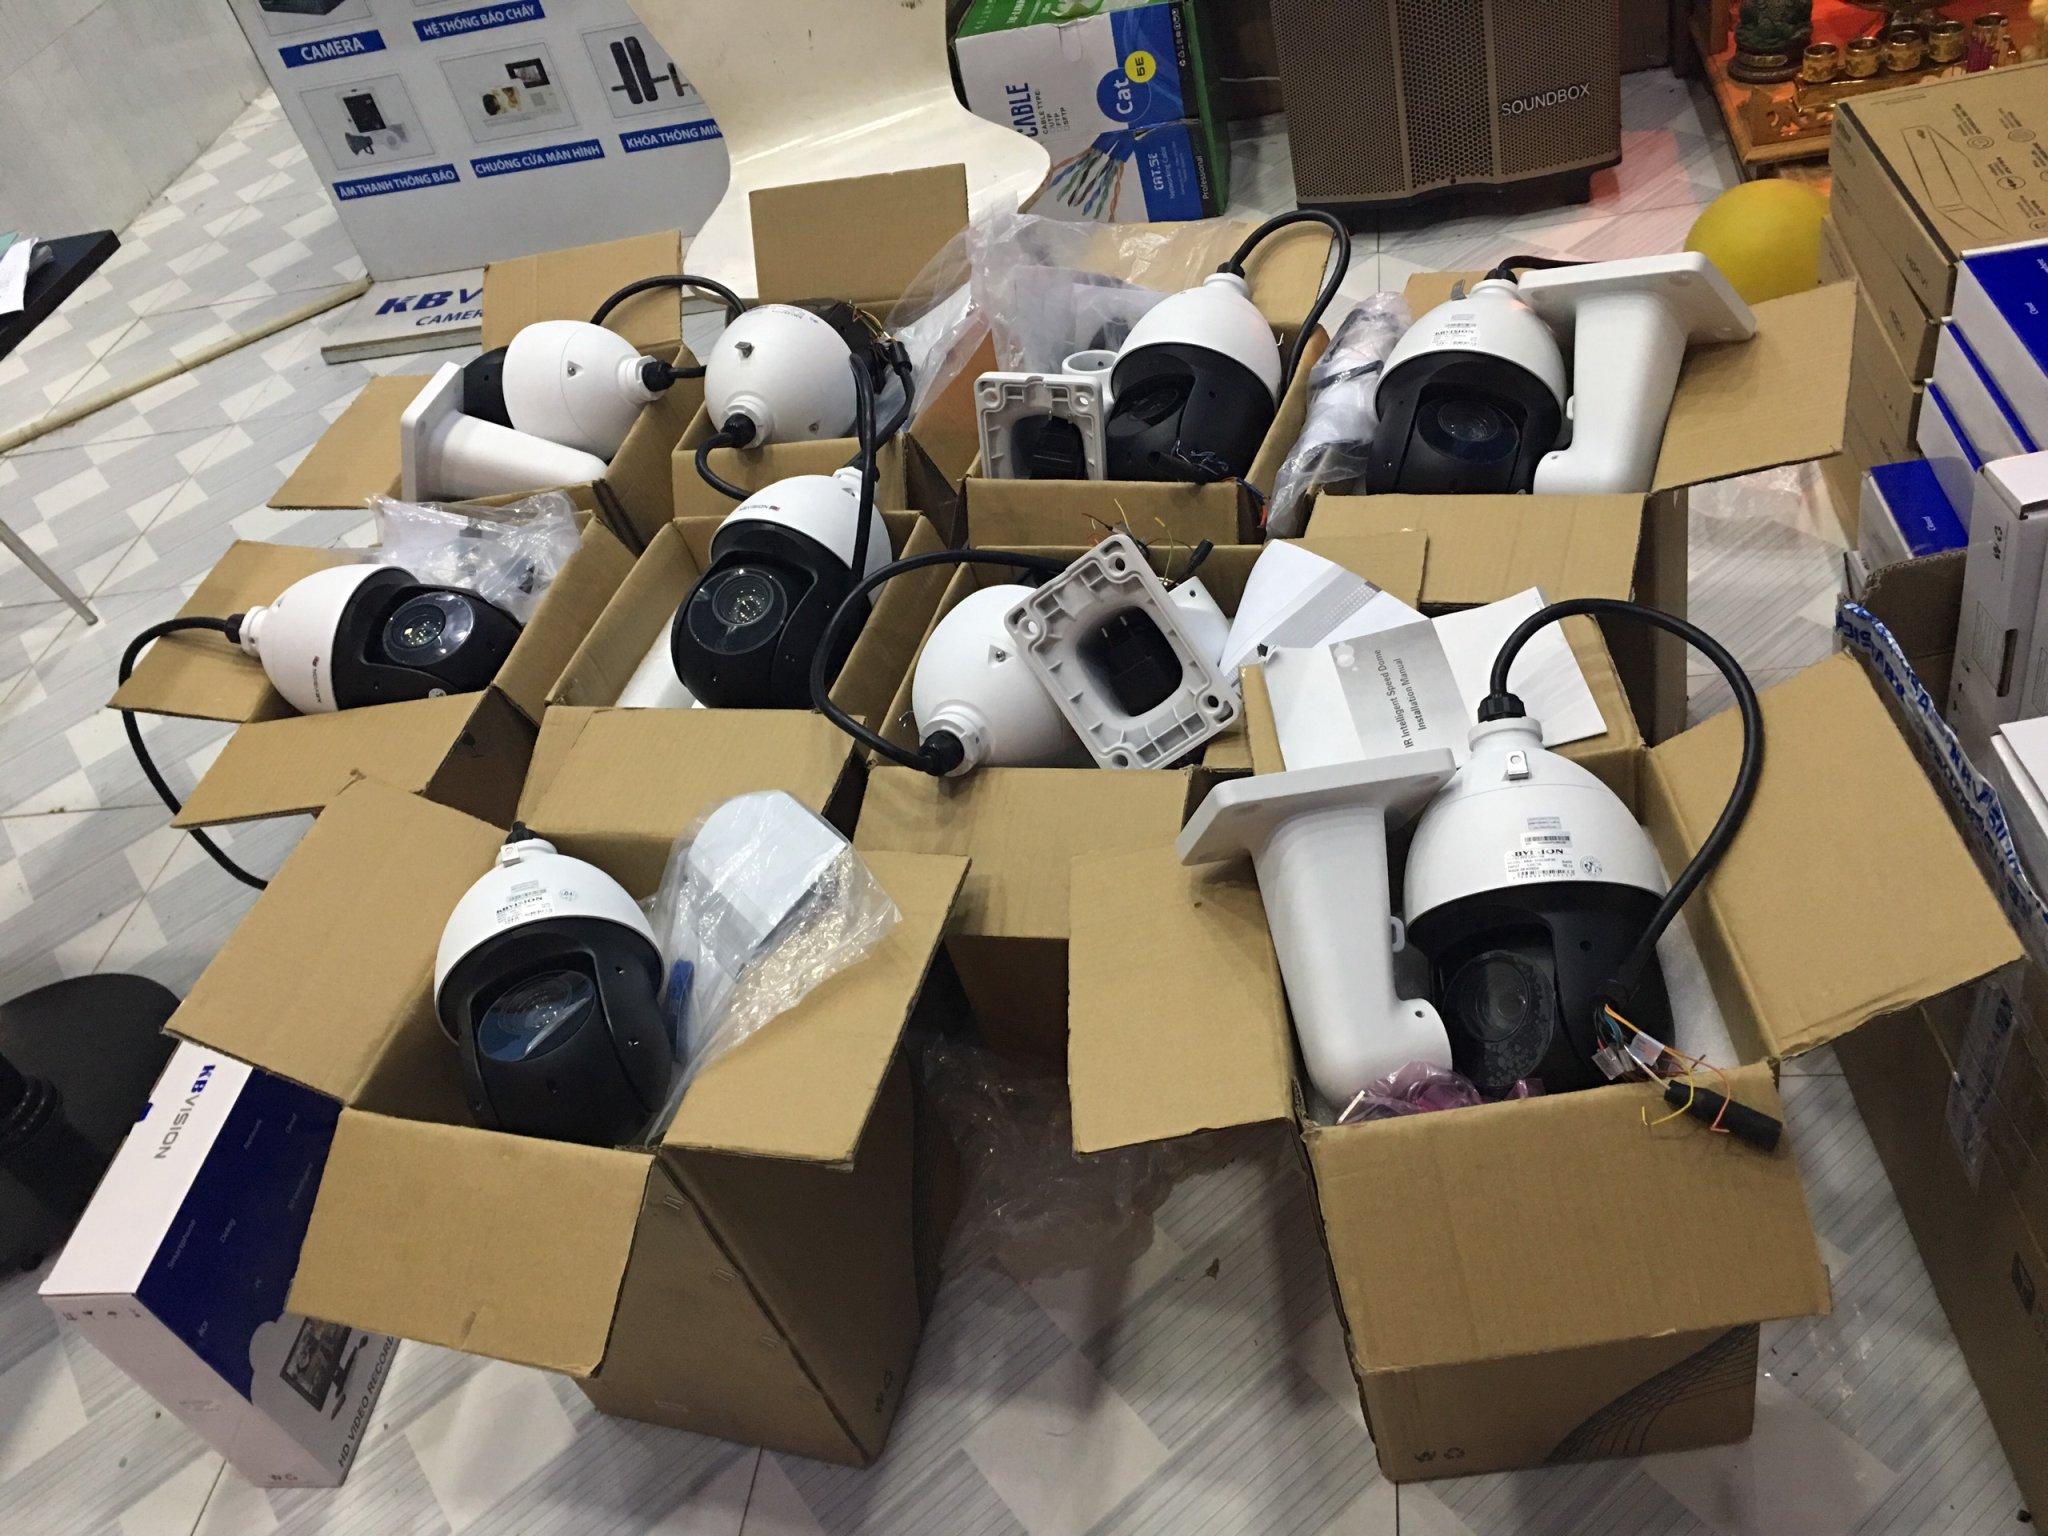 Nhận Di Dời, Sửa Chữa Camera Tại Bình Dương - Uy Tín - Di Doi, sua chua camera tai binh duong